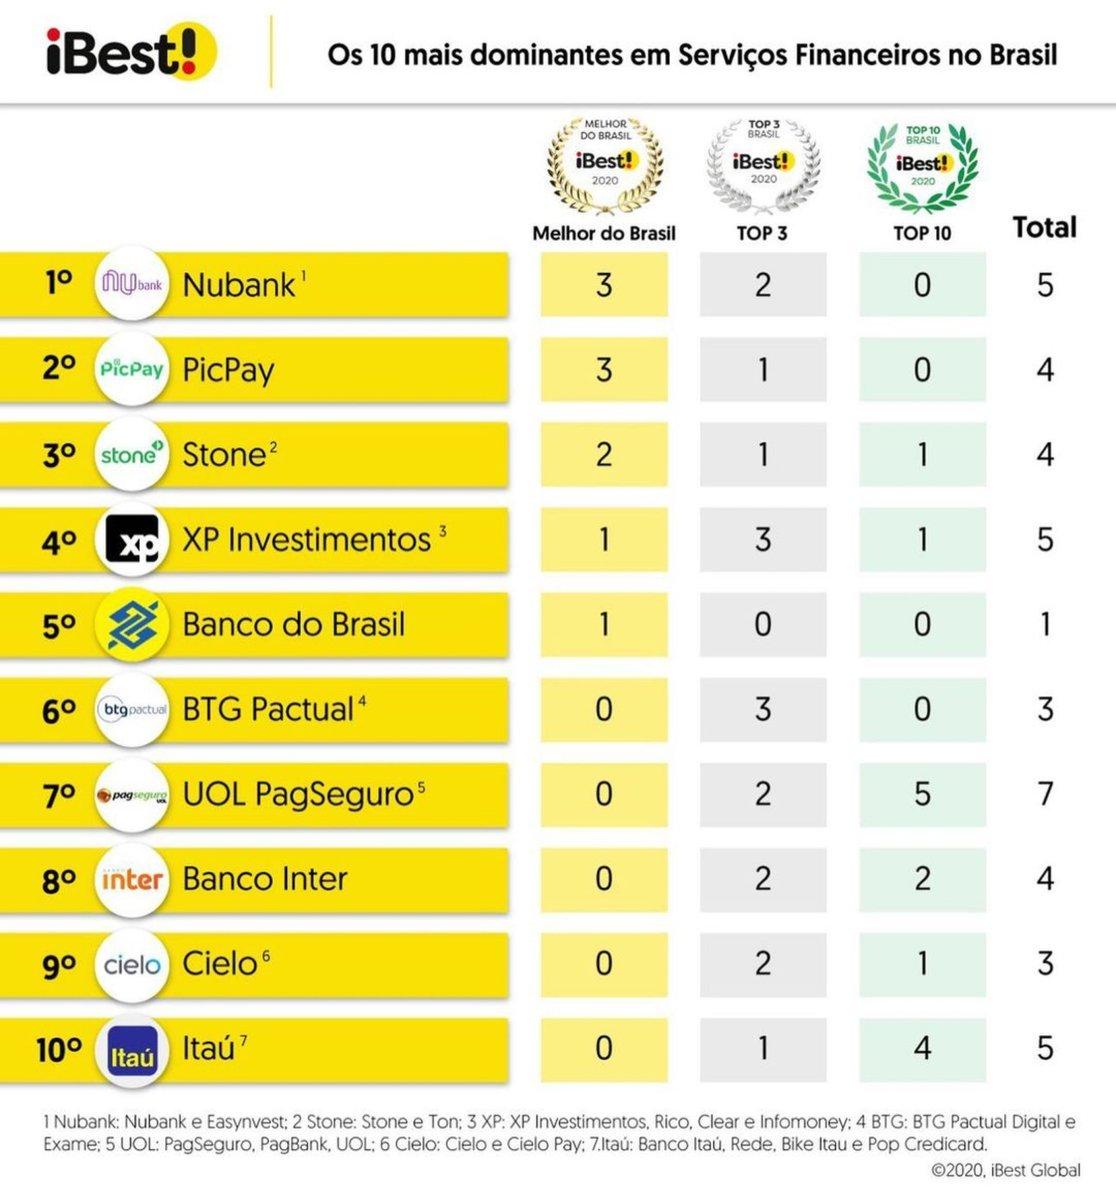 Revolução nos serviços financeiros em função da aceleração da #transformaçãodigital : Banco do Brasil foi único banco tradicional no Top10 do ranking iBest dos mais dominantes grupos de serviços financeiros no mundo digital, liderado pelo Nubank, seguido por PicPay e Stone.